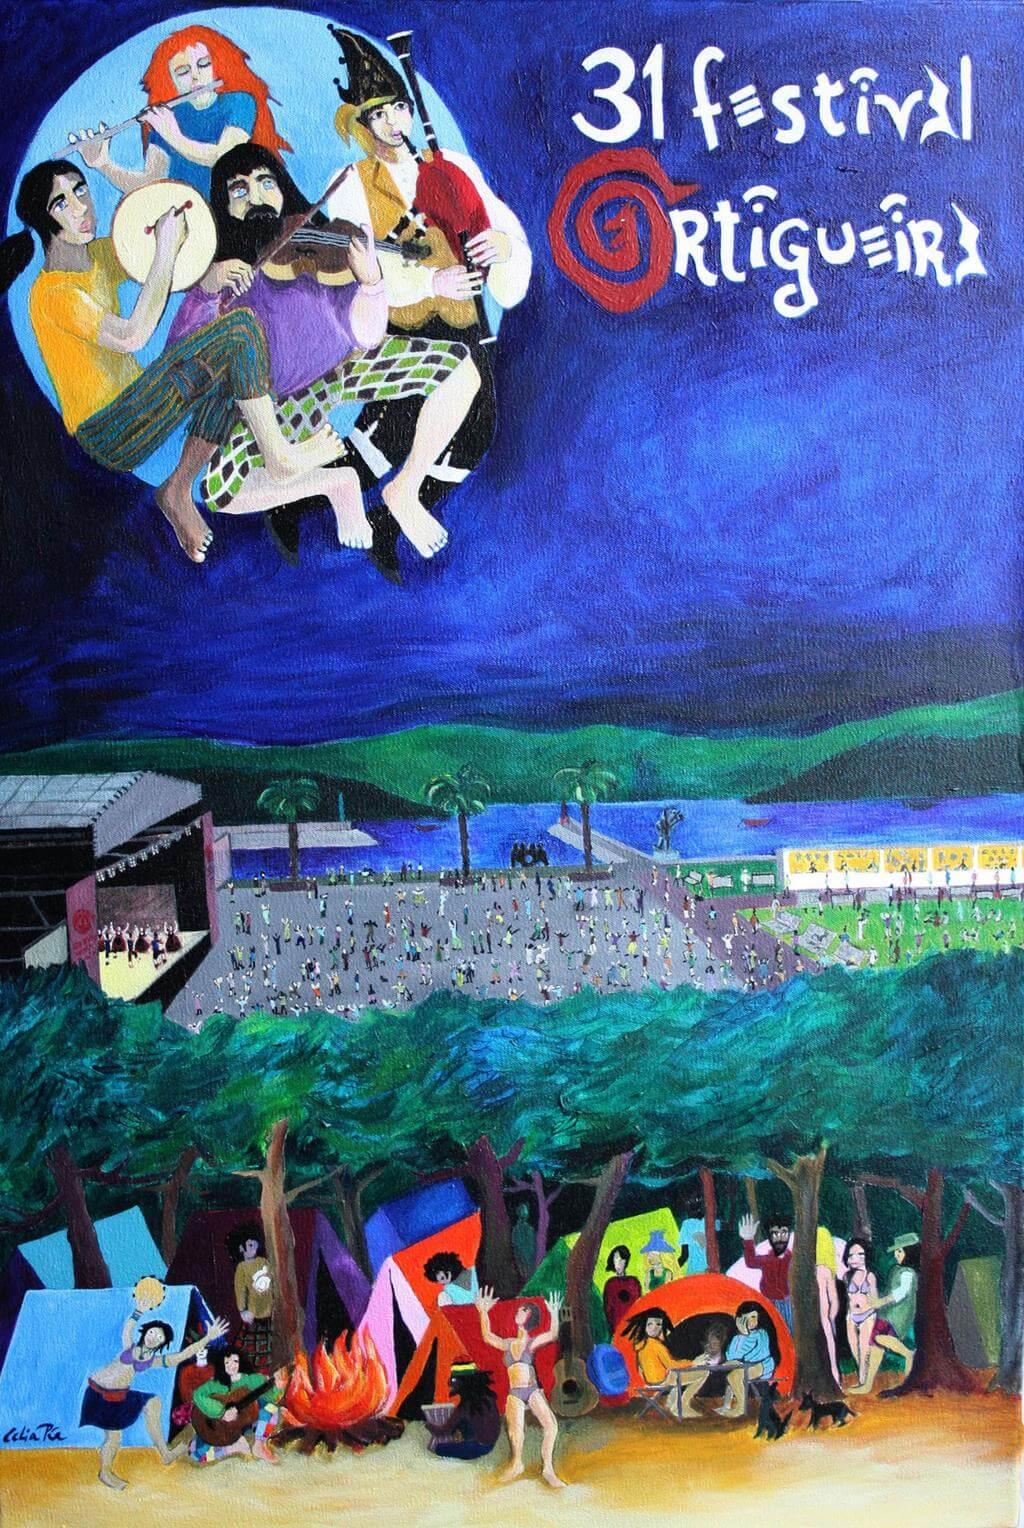 Y el cartel para la nueva edición del Festival de Ortigueira es...